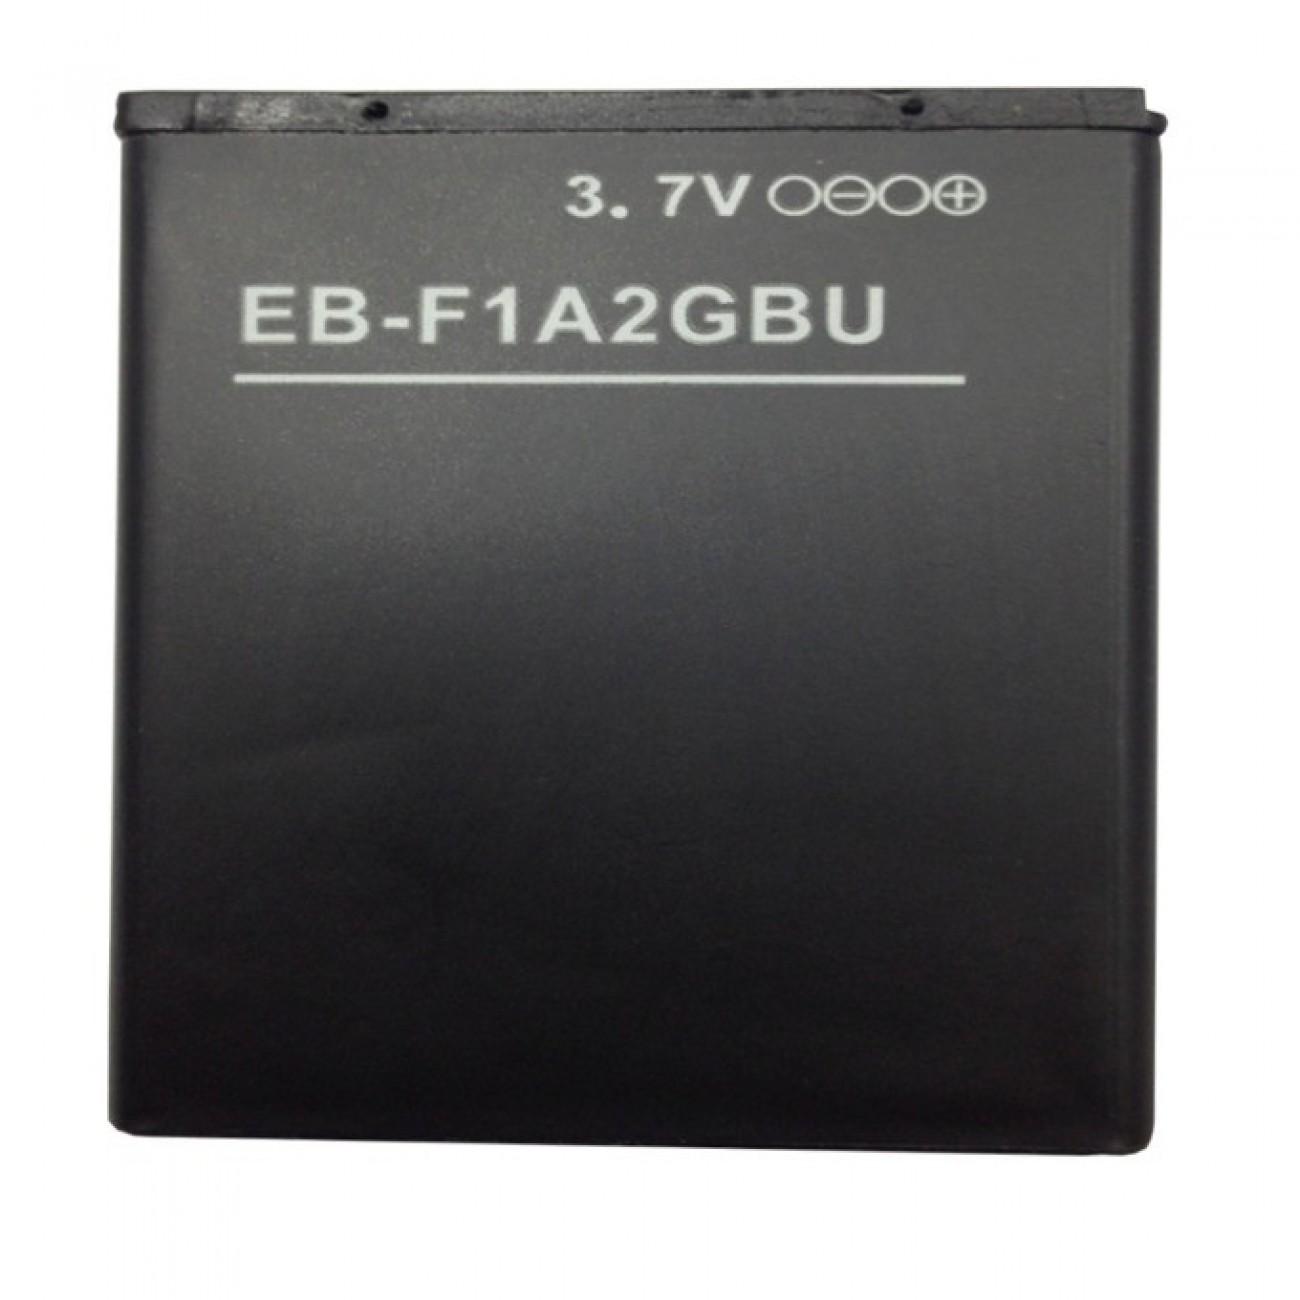 Батерия (заместител) за Samsung i9100 Galaxy SII, 2000mAh/3.7V в Батерии за Телефони, Таблети -  | Alleop